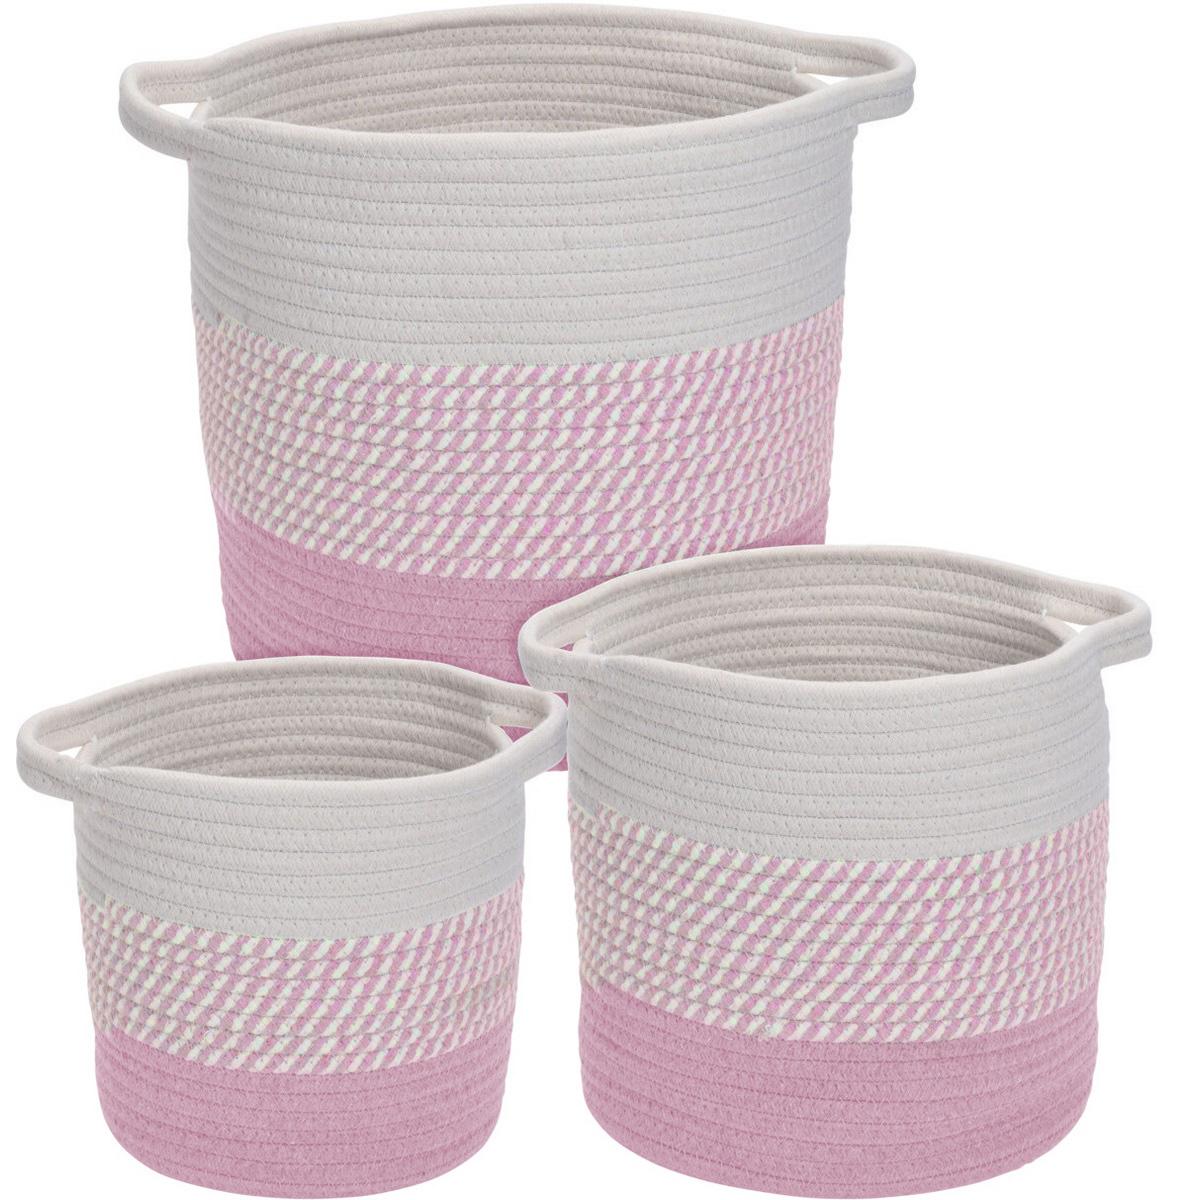 Sada dekoračných košíkov Hamois 3 ks, ružová